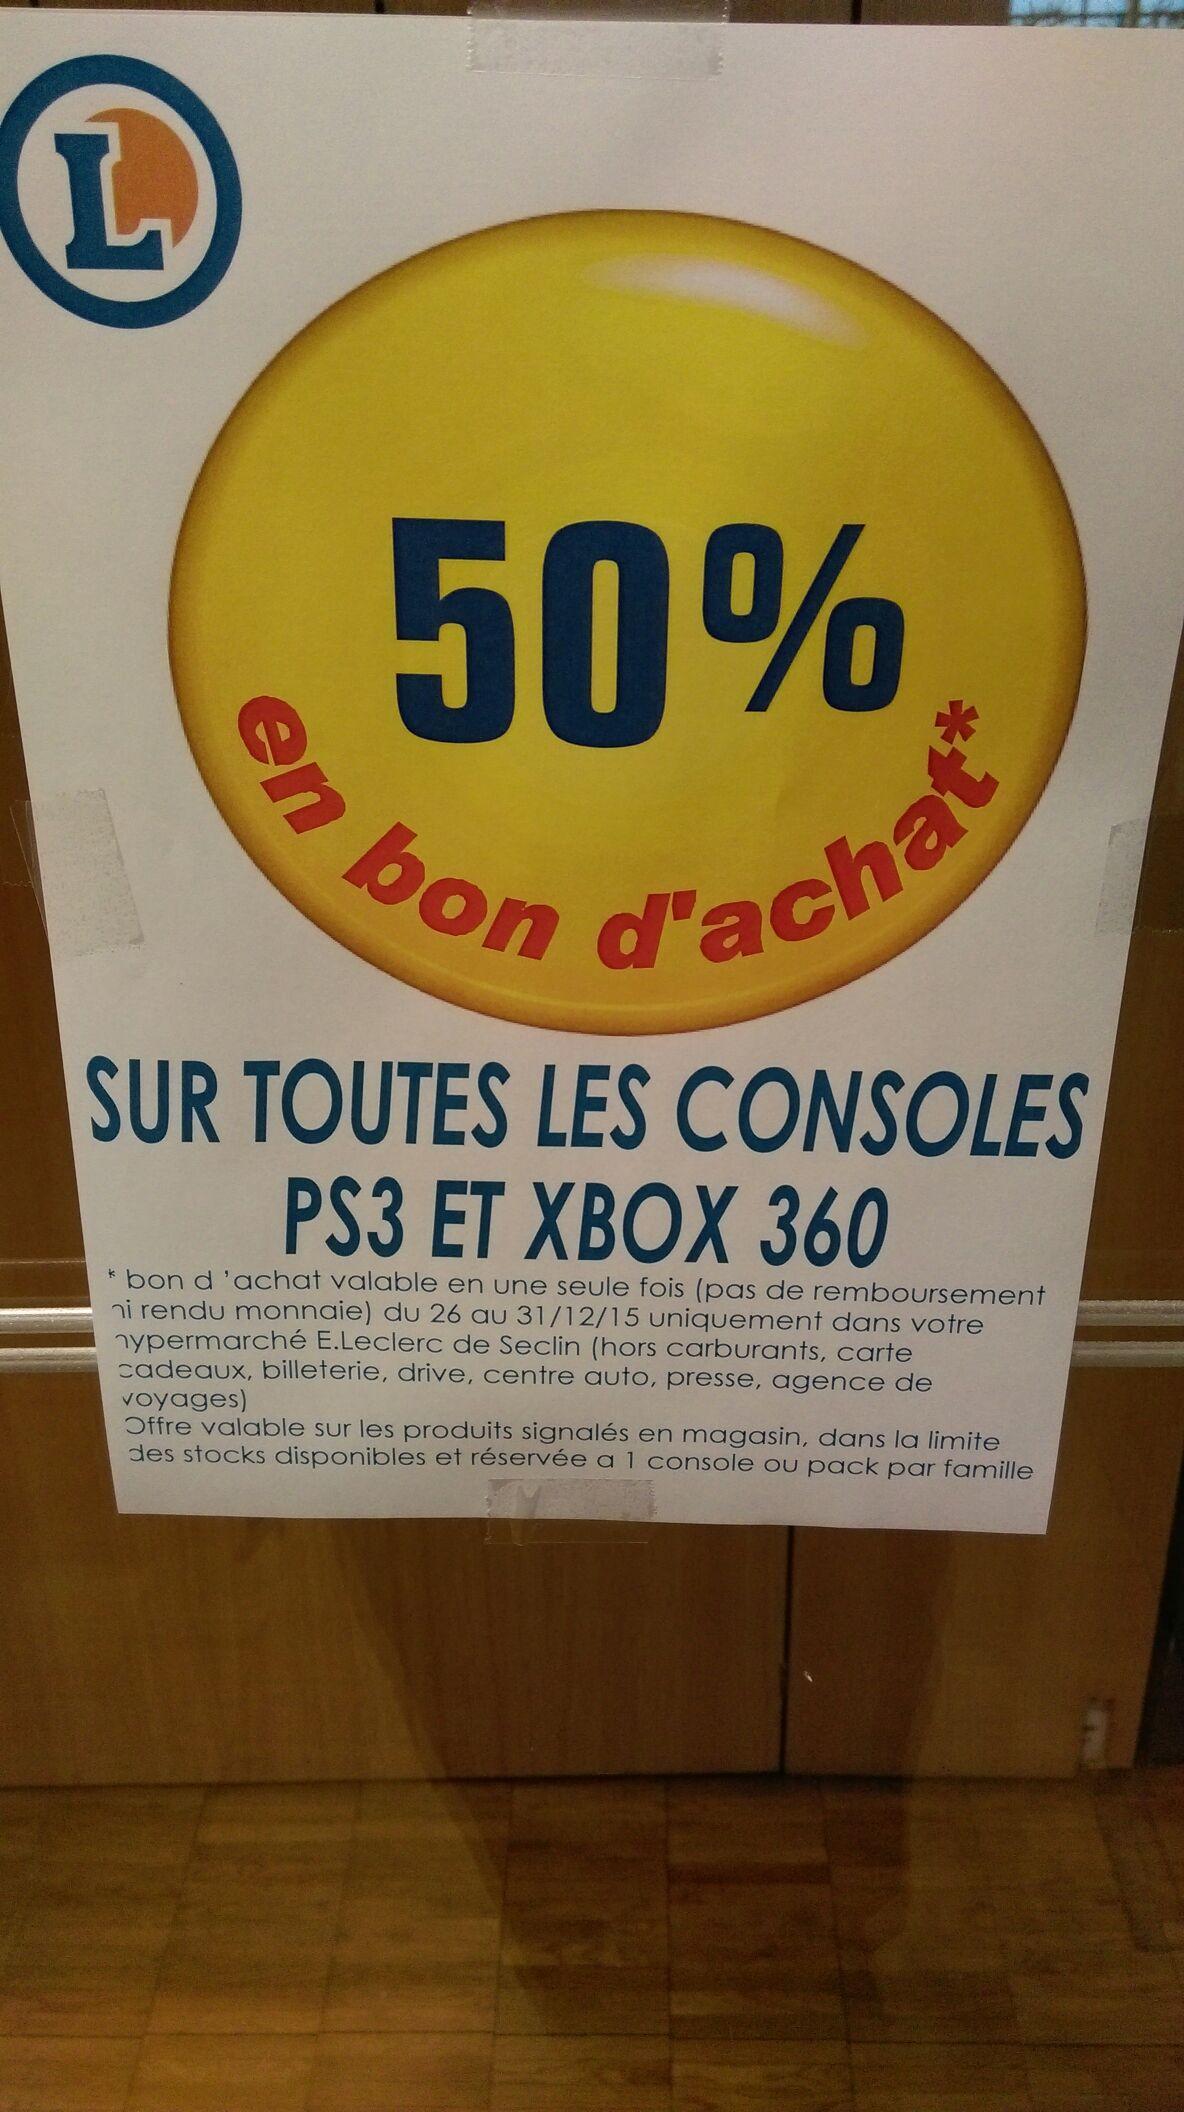 50% en bon d'achat sur les PS3 et Xbox 360 - Ex: Pack Xbox 360 250 Go + Call of Duty Black Ops 2 (avec 140€ en bon d'achat)